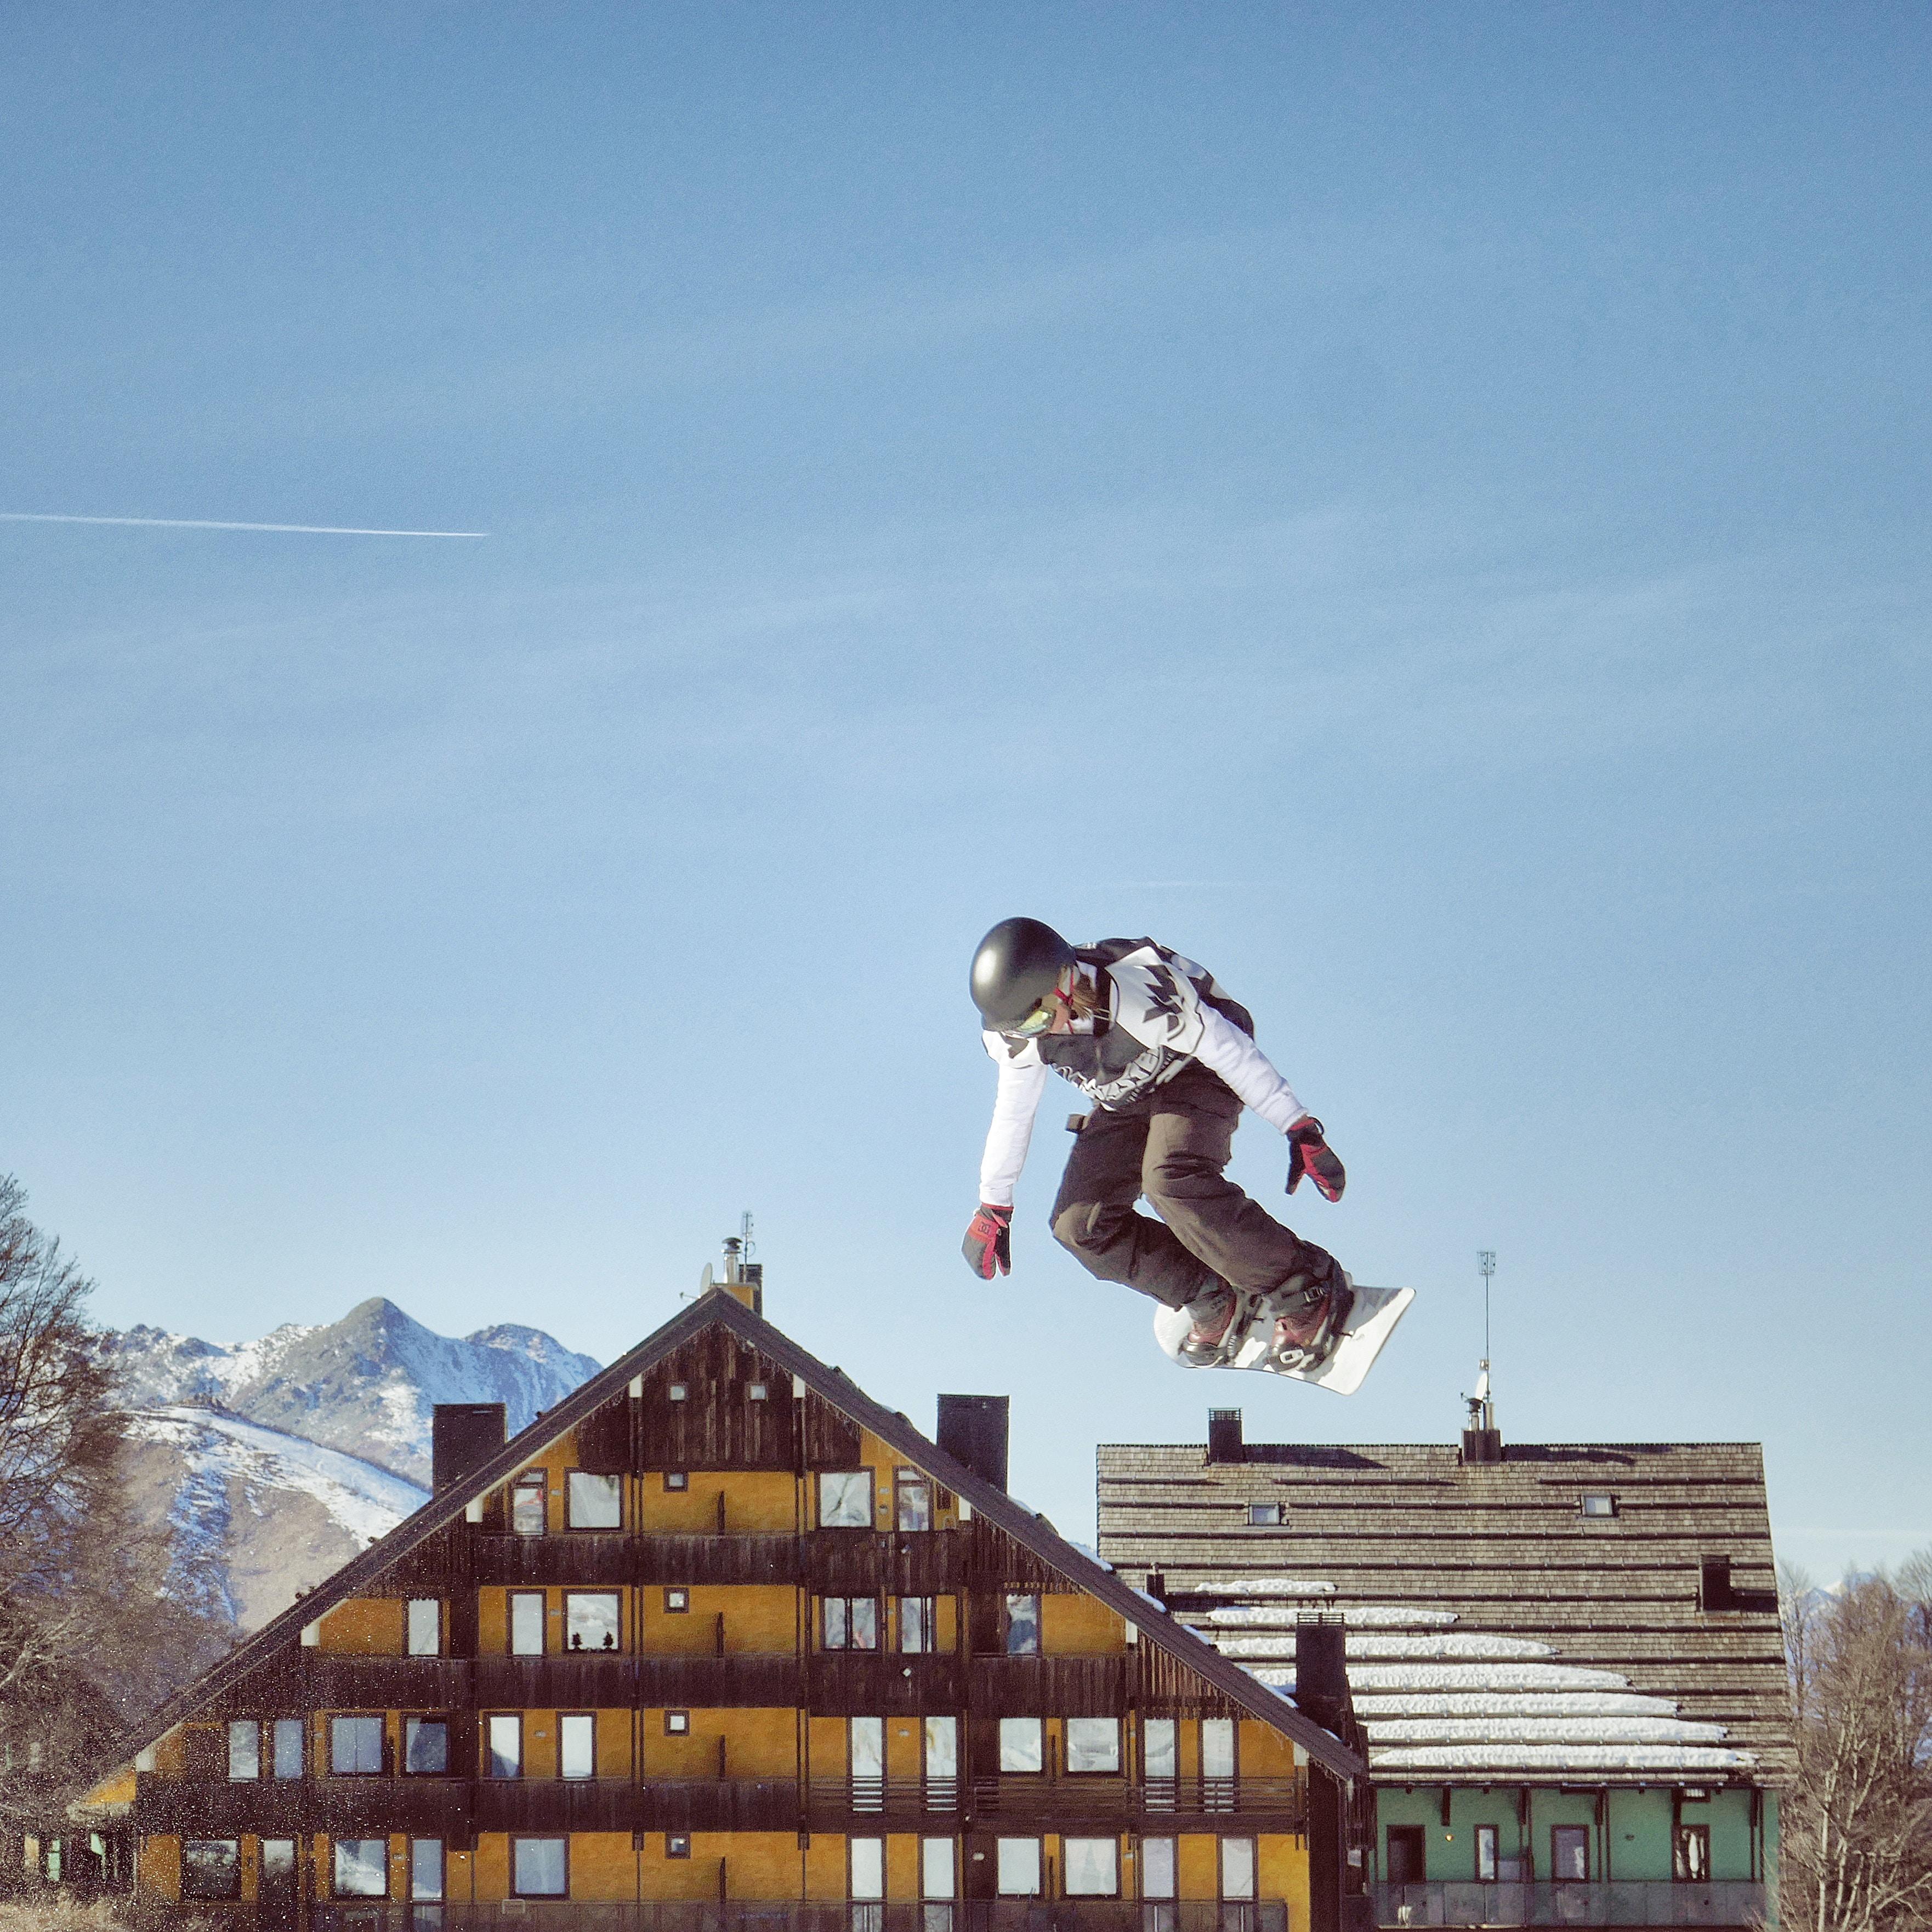 156269 скачать обои Спорт, Сноубордист, Прыжок, Трюк, Экстрим - заставки и картинки бесплатно